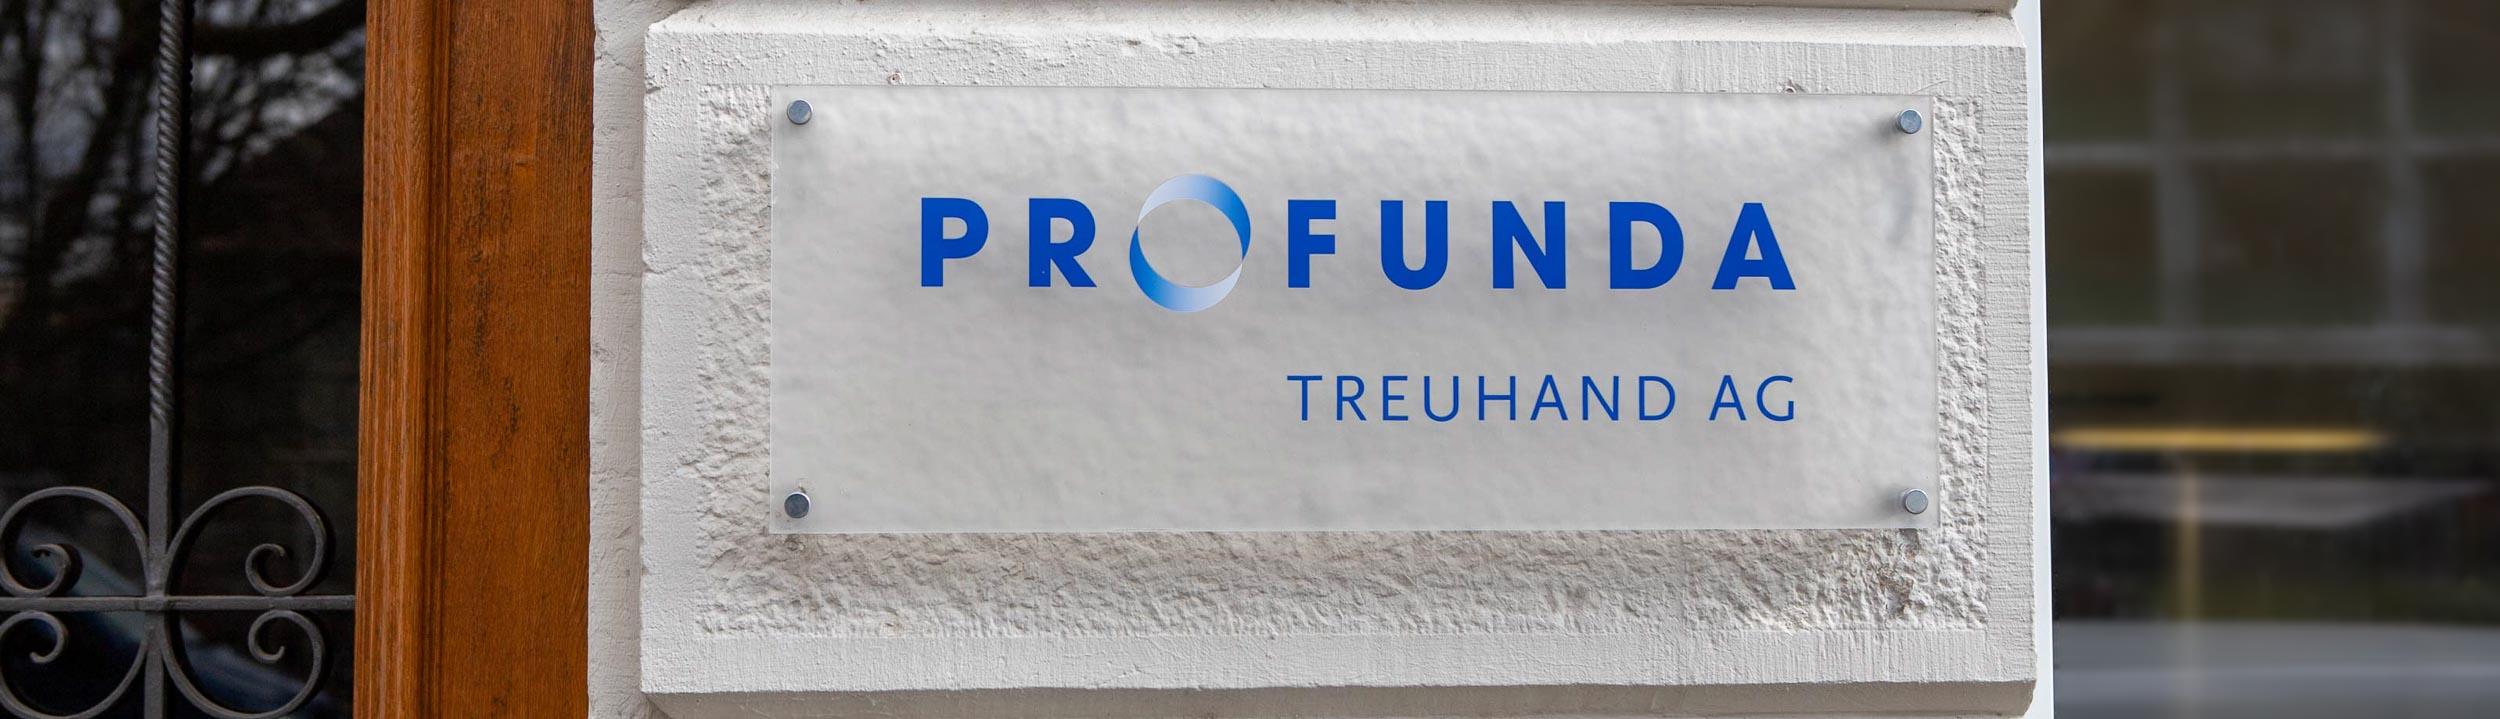 Profunda_Treuhand_klein_4